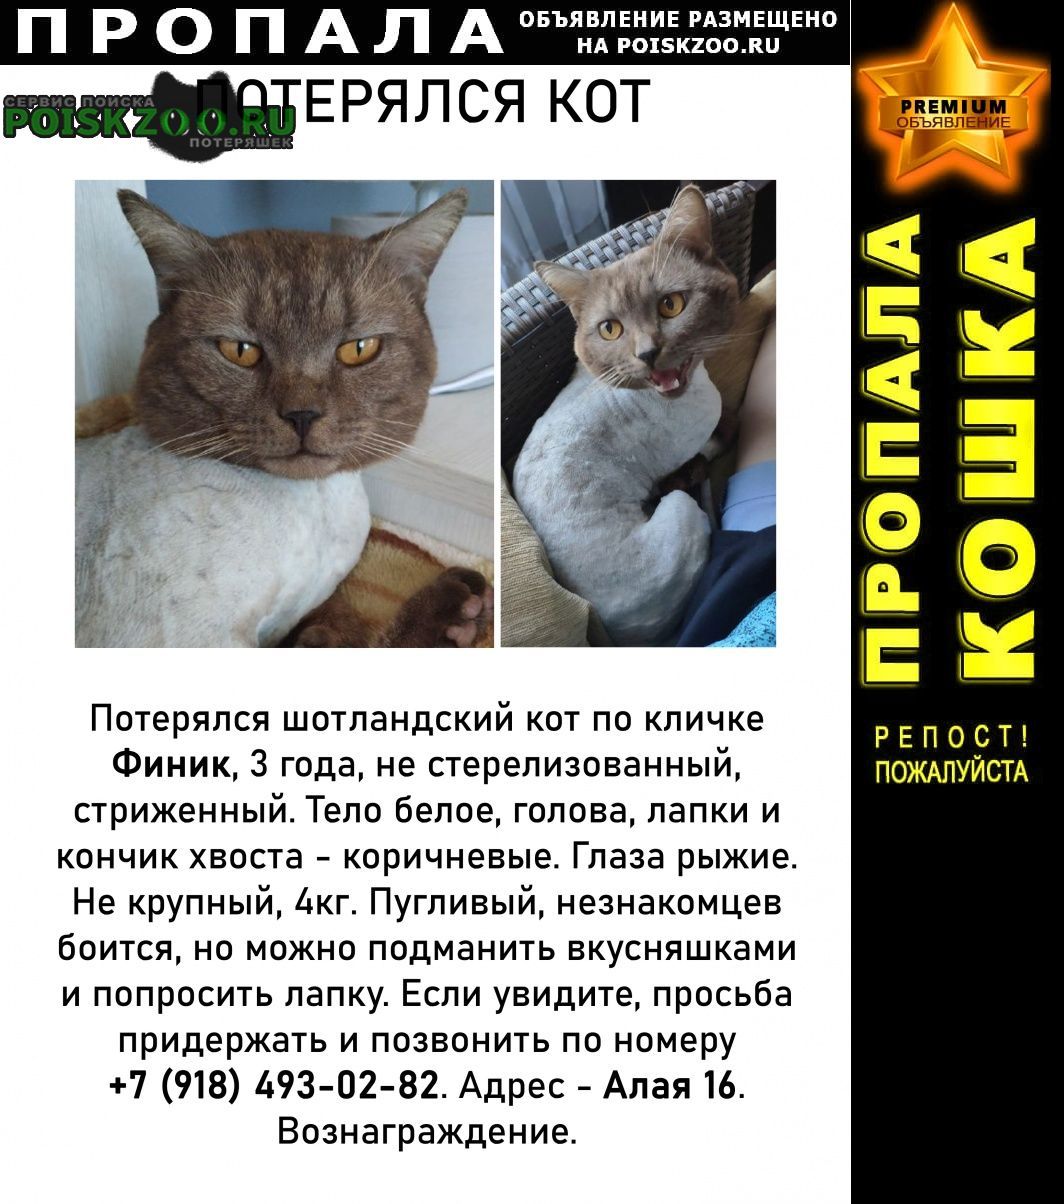 Пропал кот, вознаграждение Новороссийск